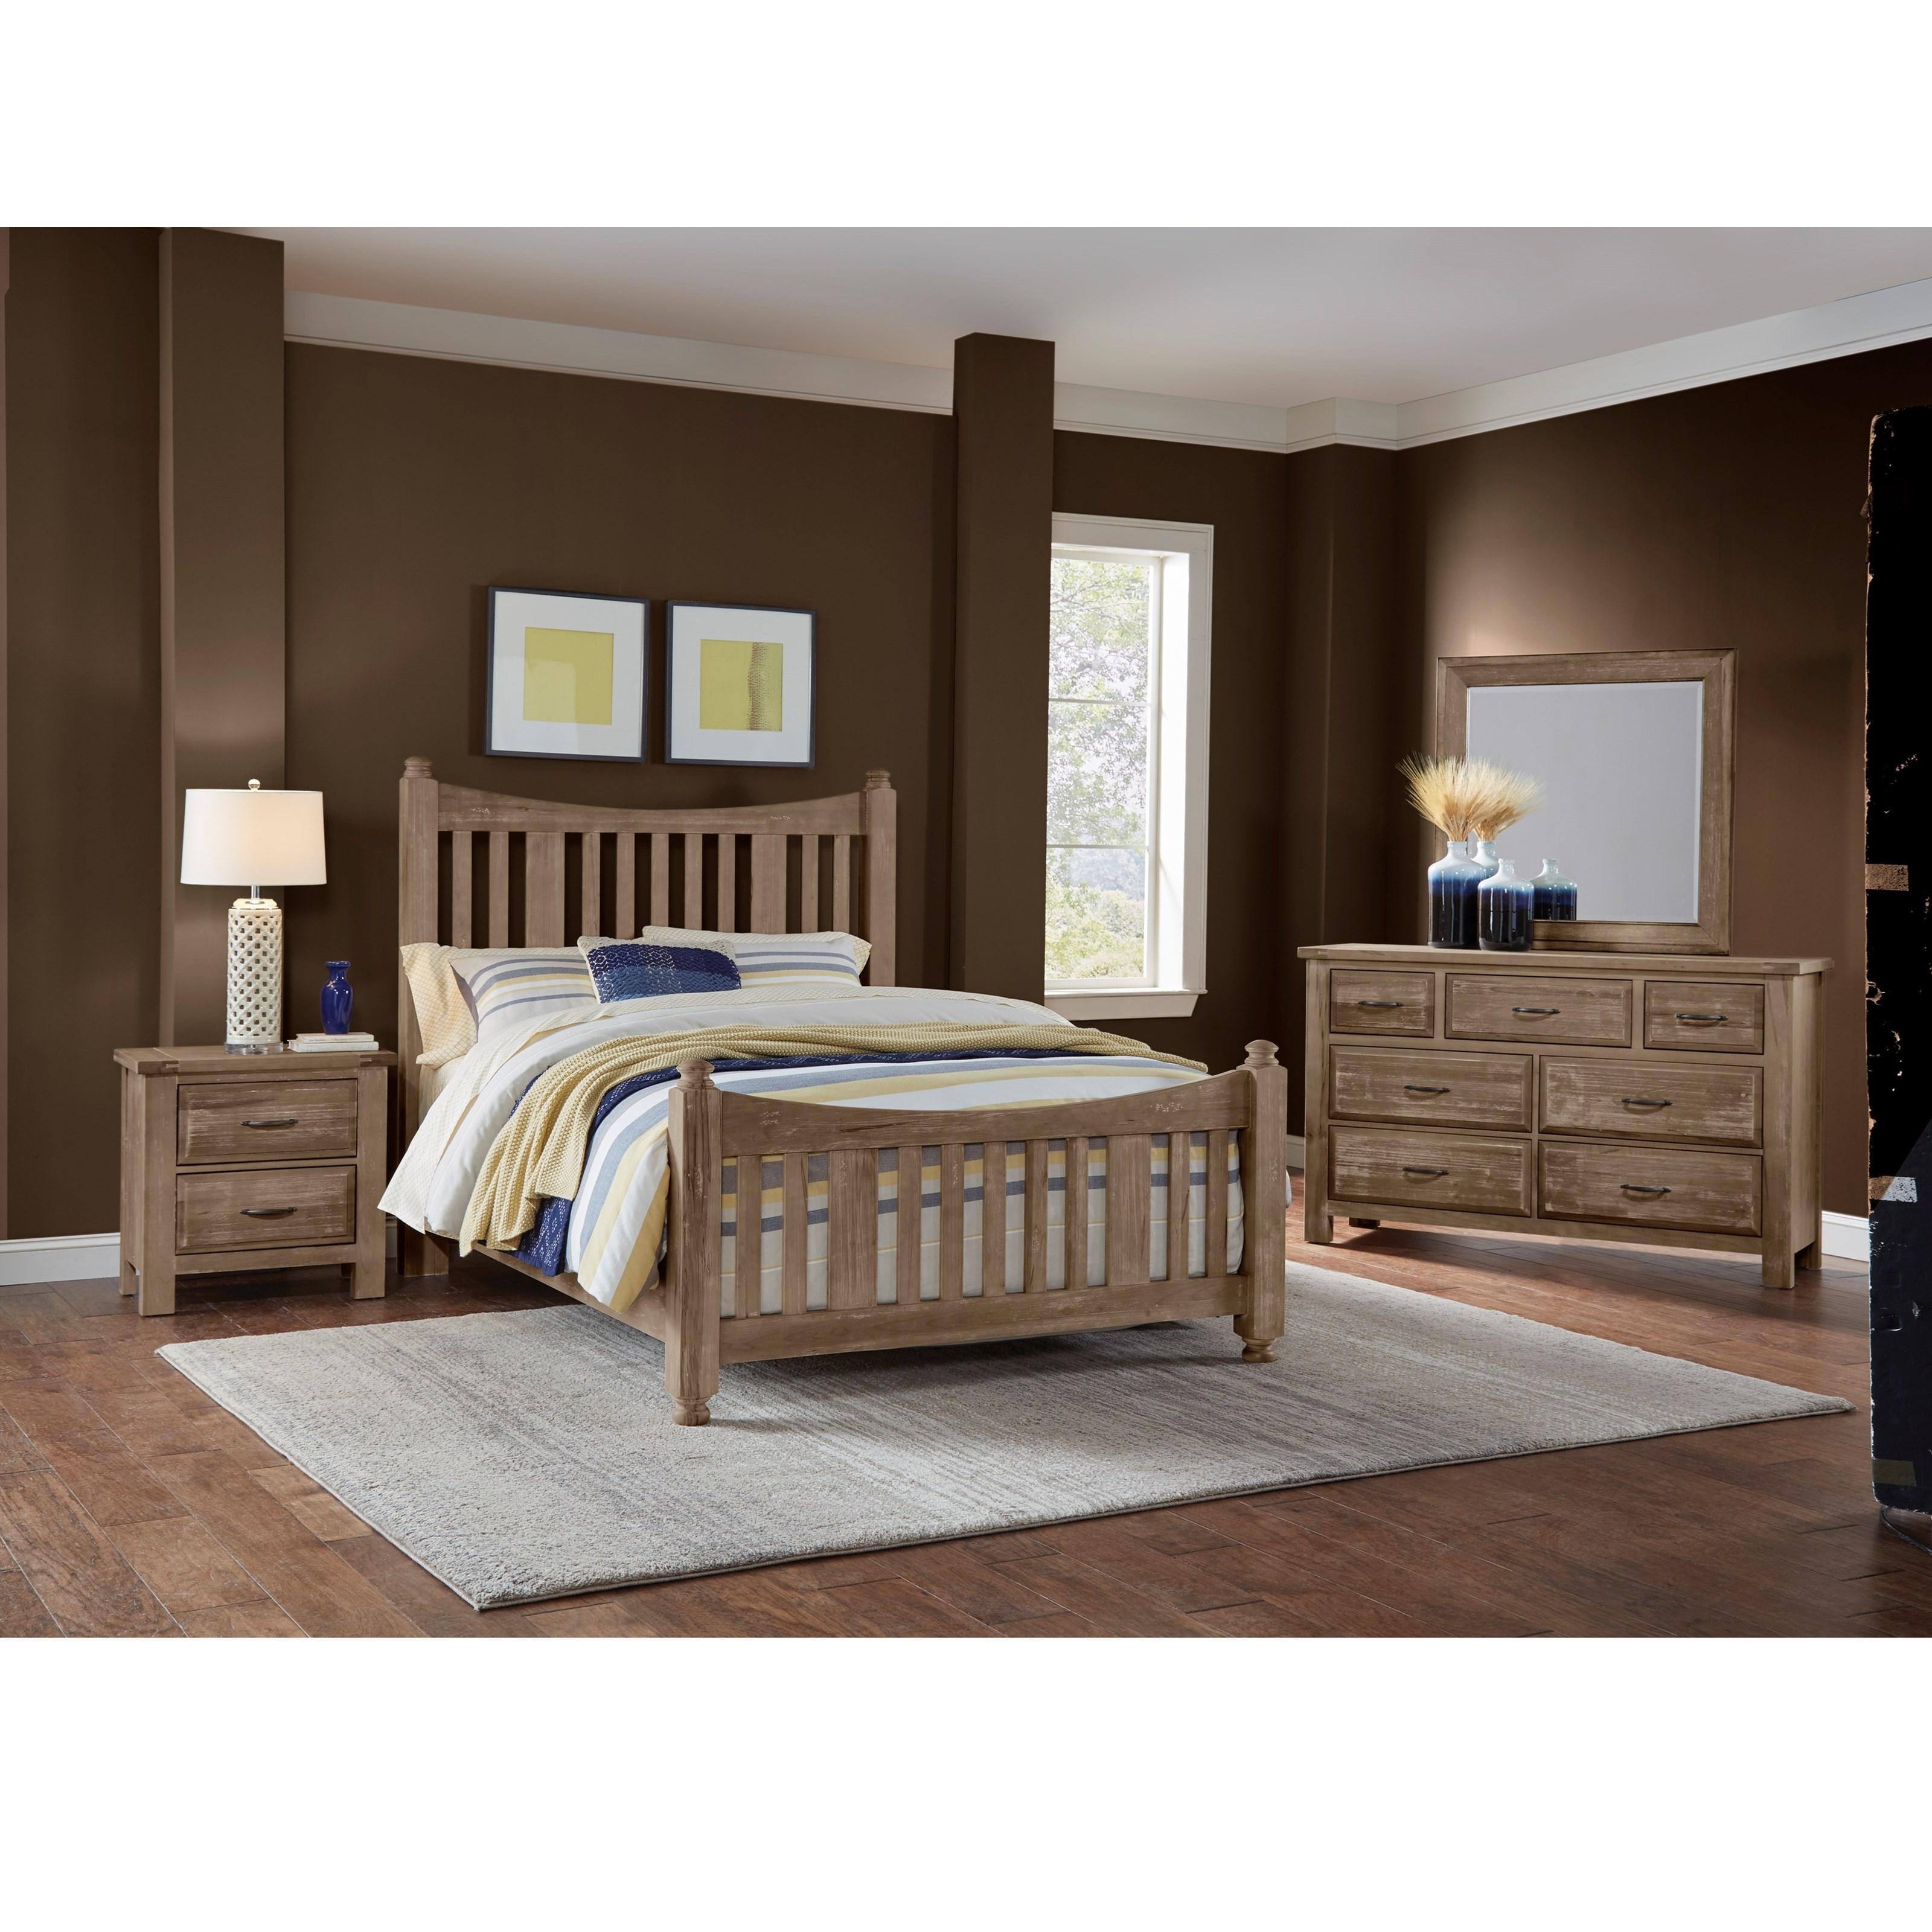 Delightful Artisan U0026 Post Maple Road Queen Bedroom Group | Belfort Furniture | Bedroom  Groups